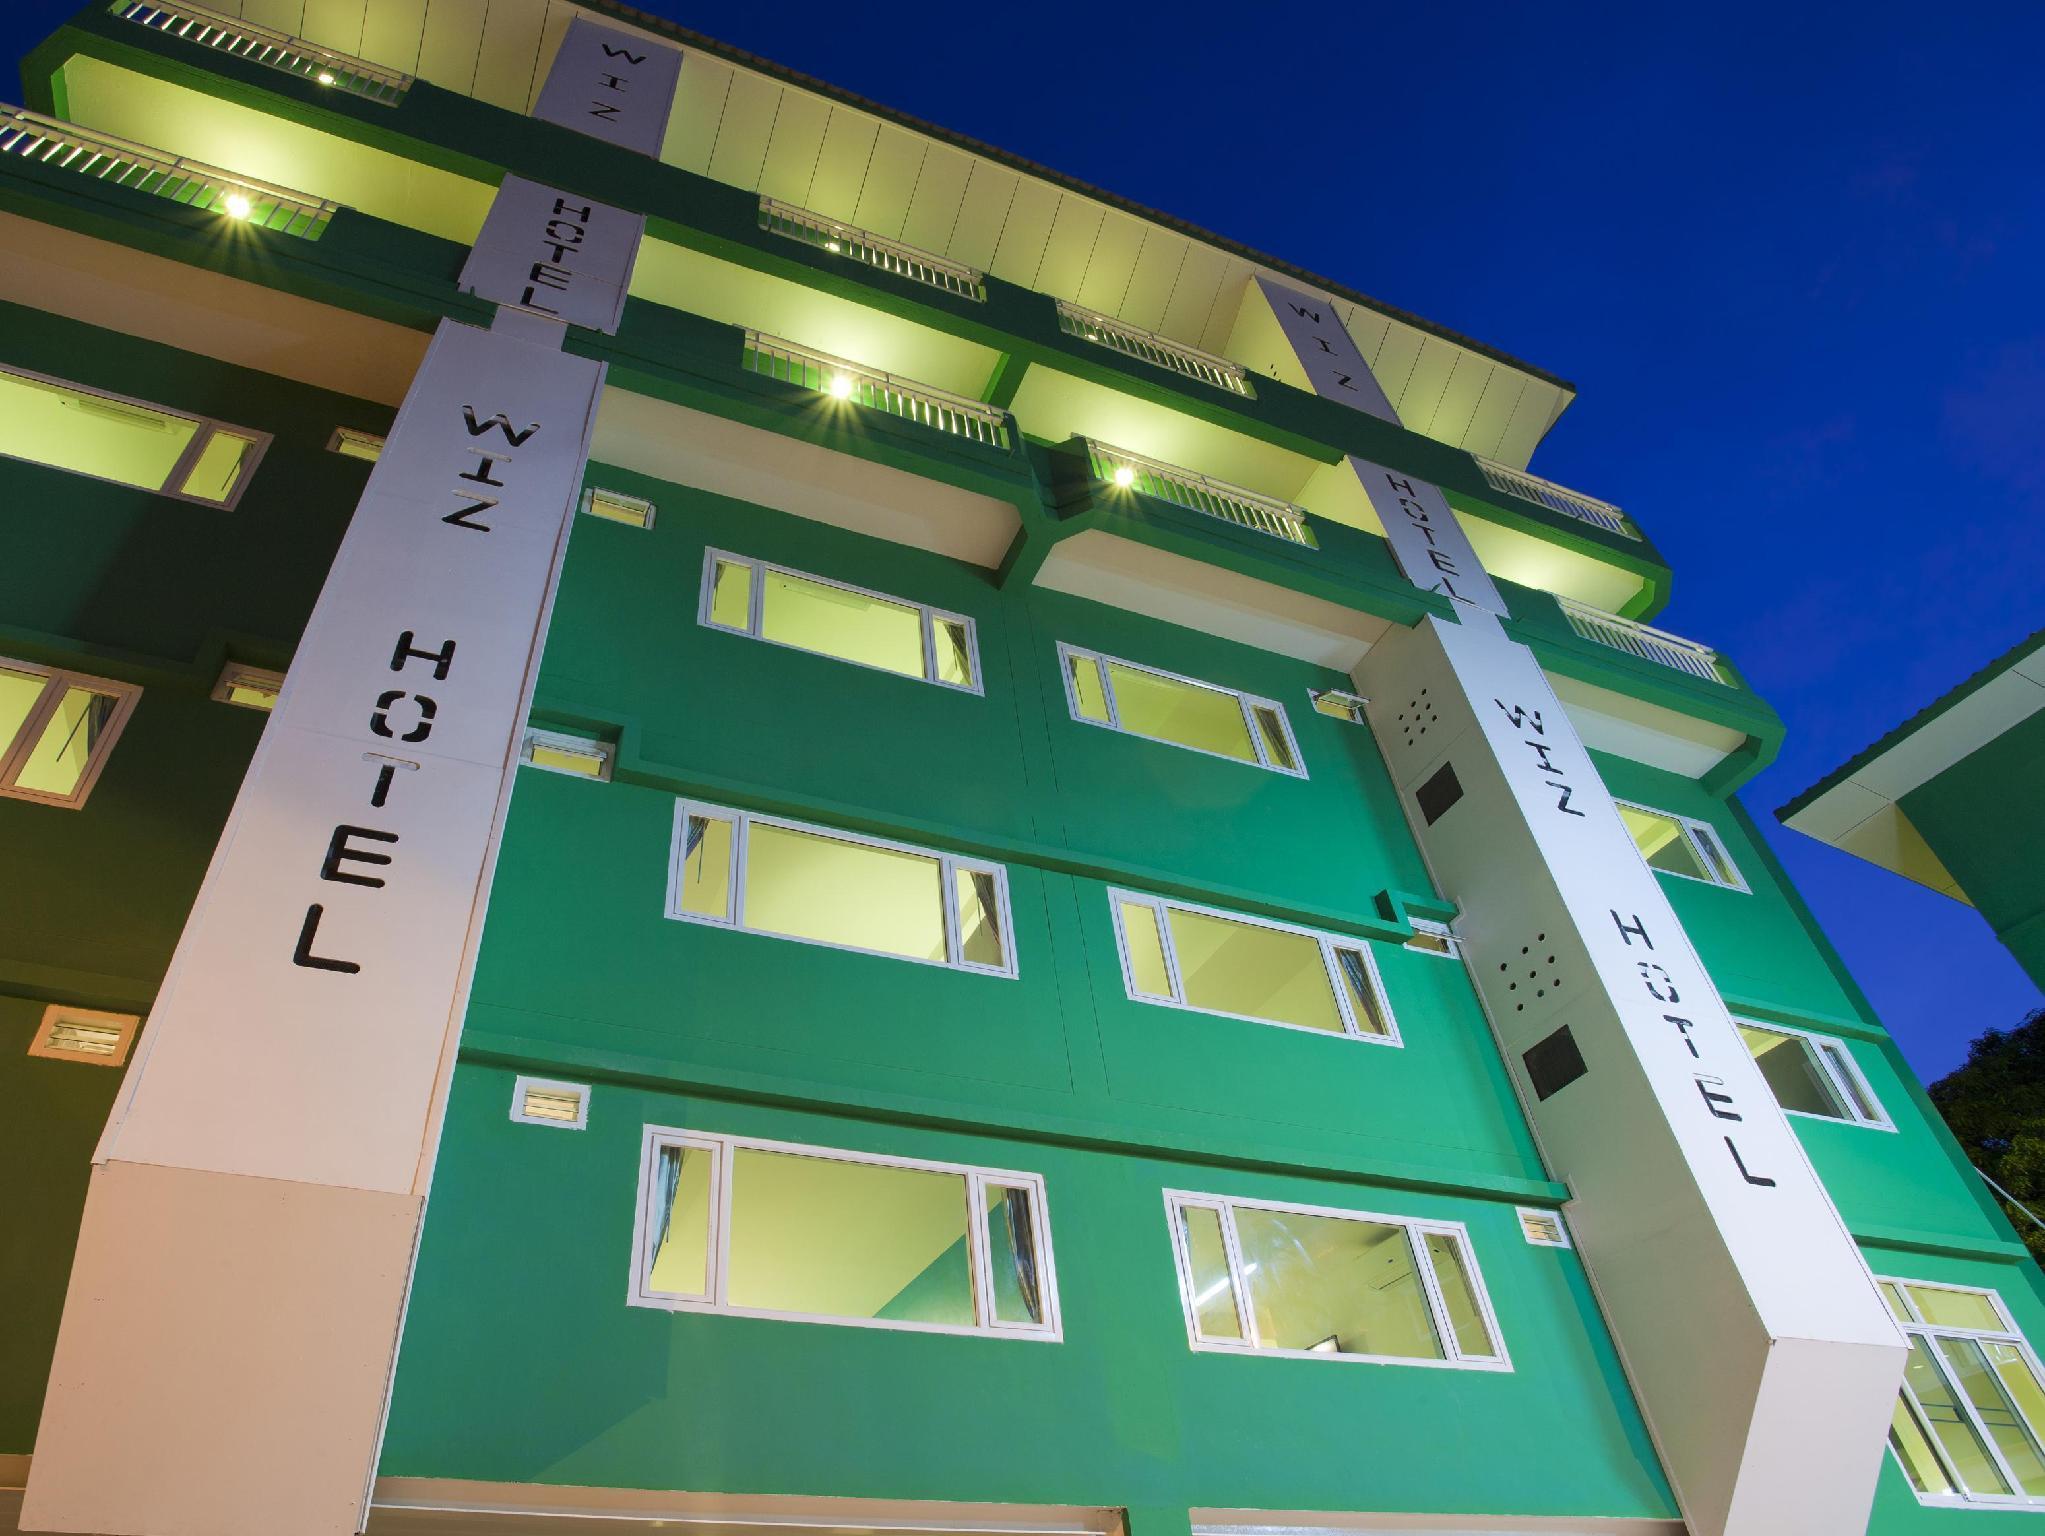 Wiz Hotel โรงแรมวิทซ์